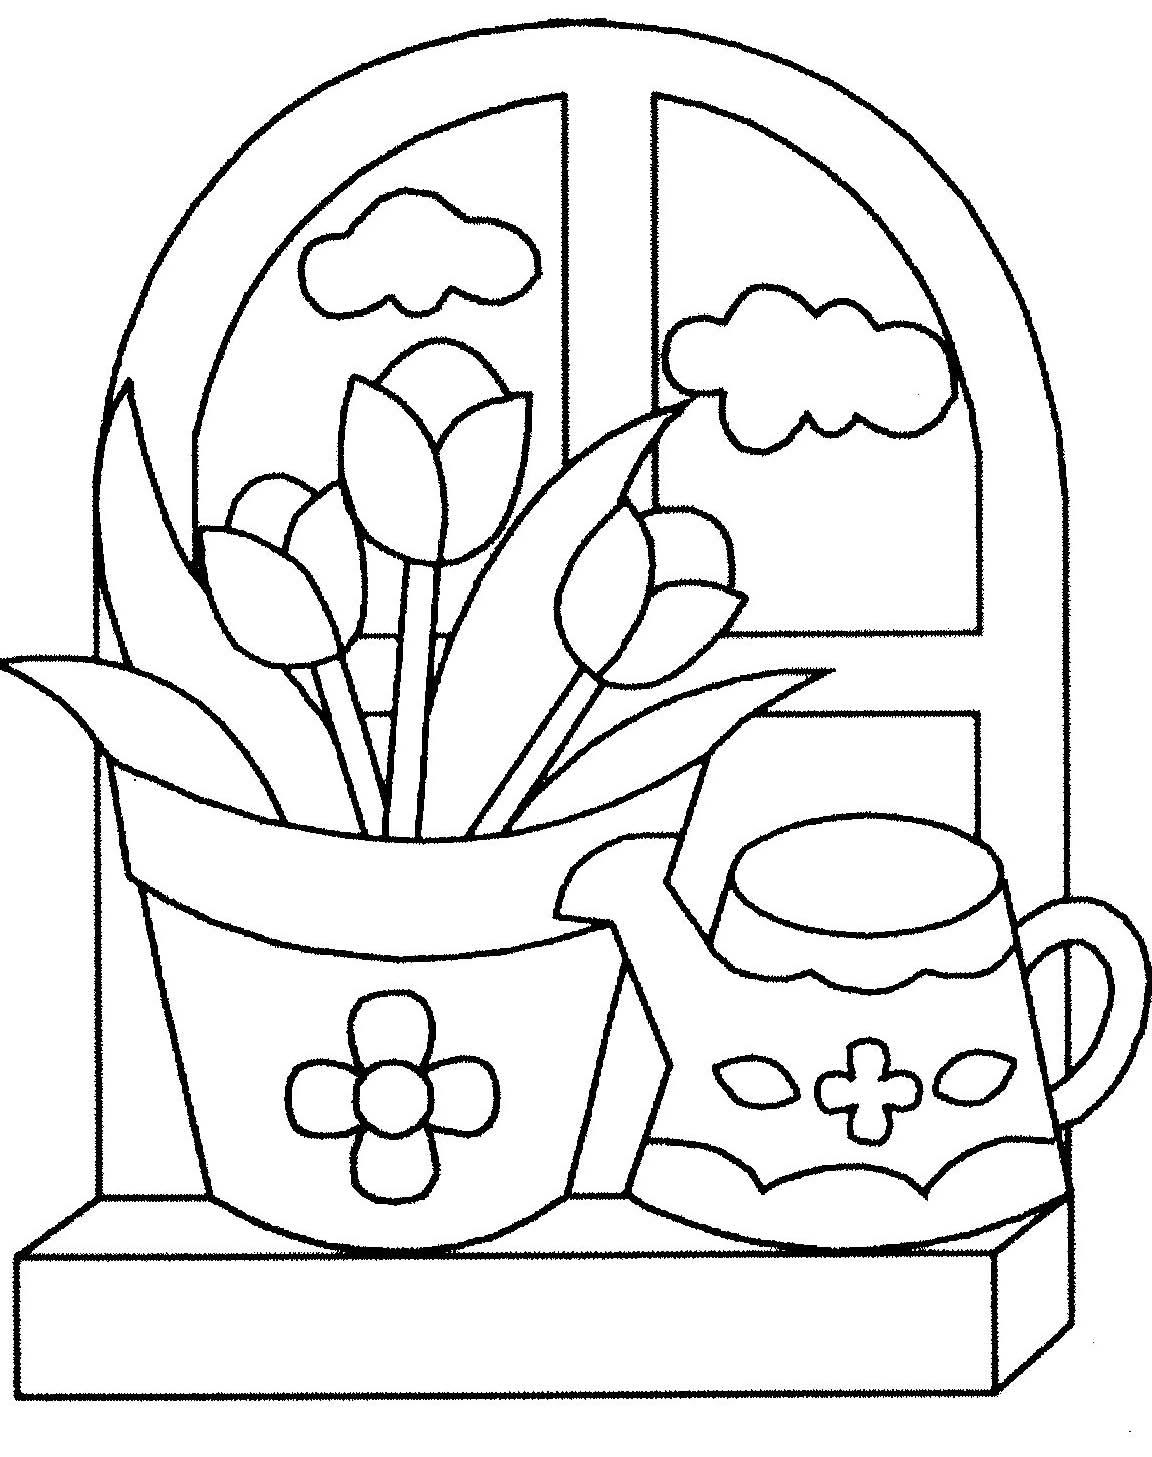 33 dessins de coloriage jardin à imprimer sur LaGuerche.com - Page 3